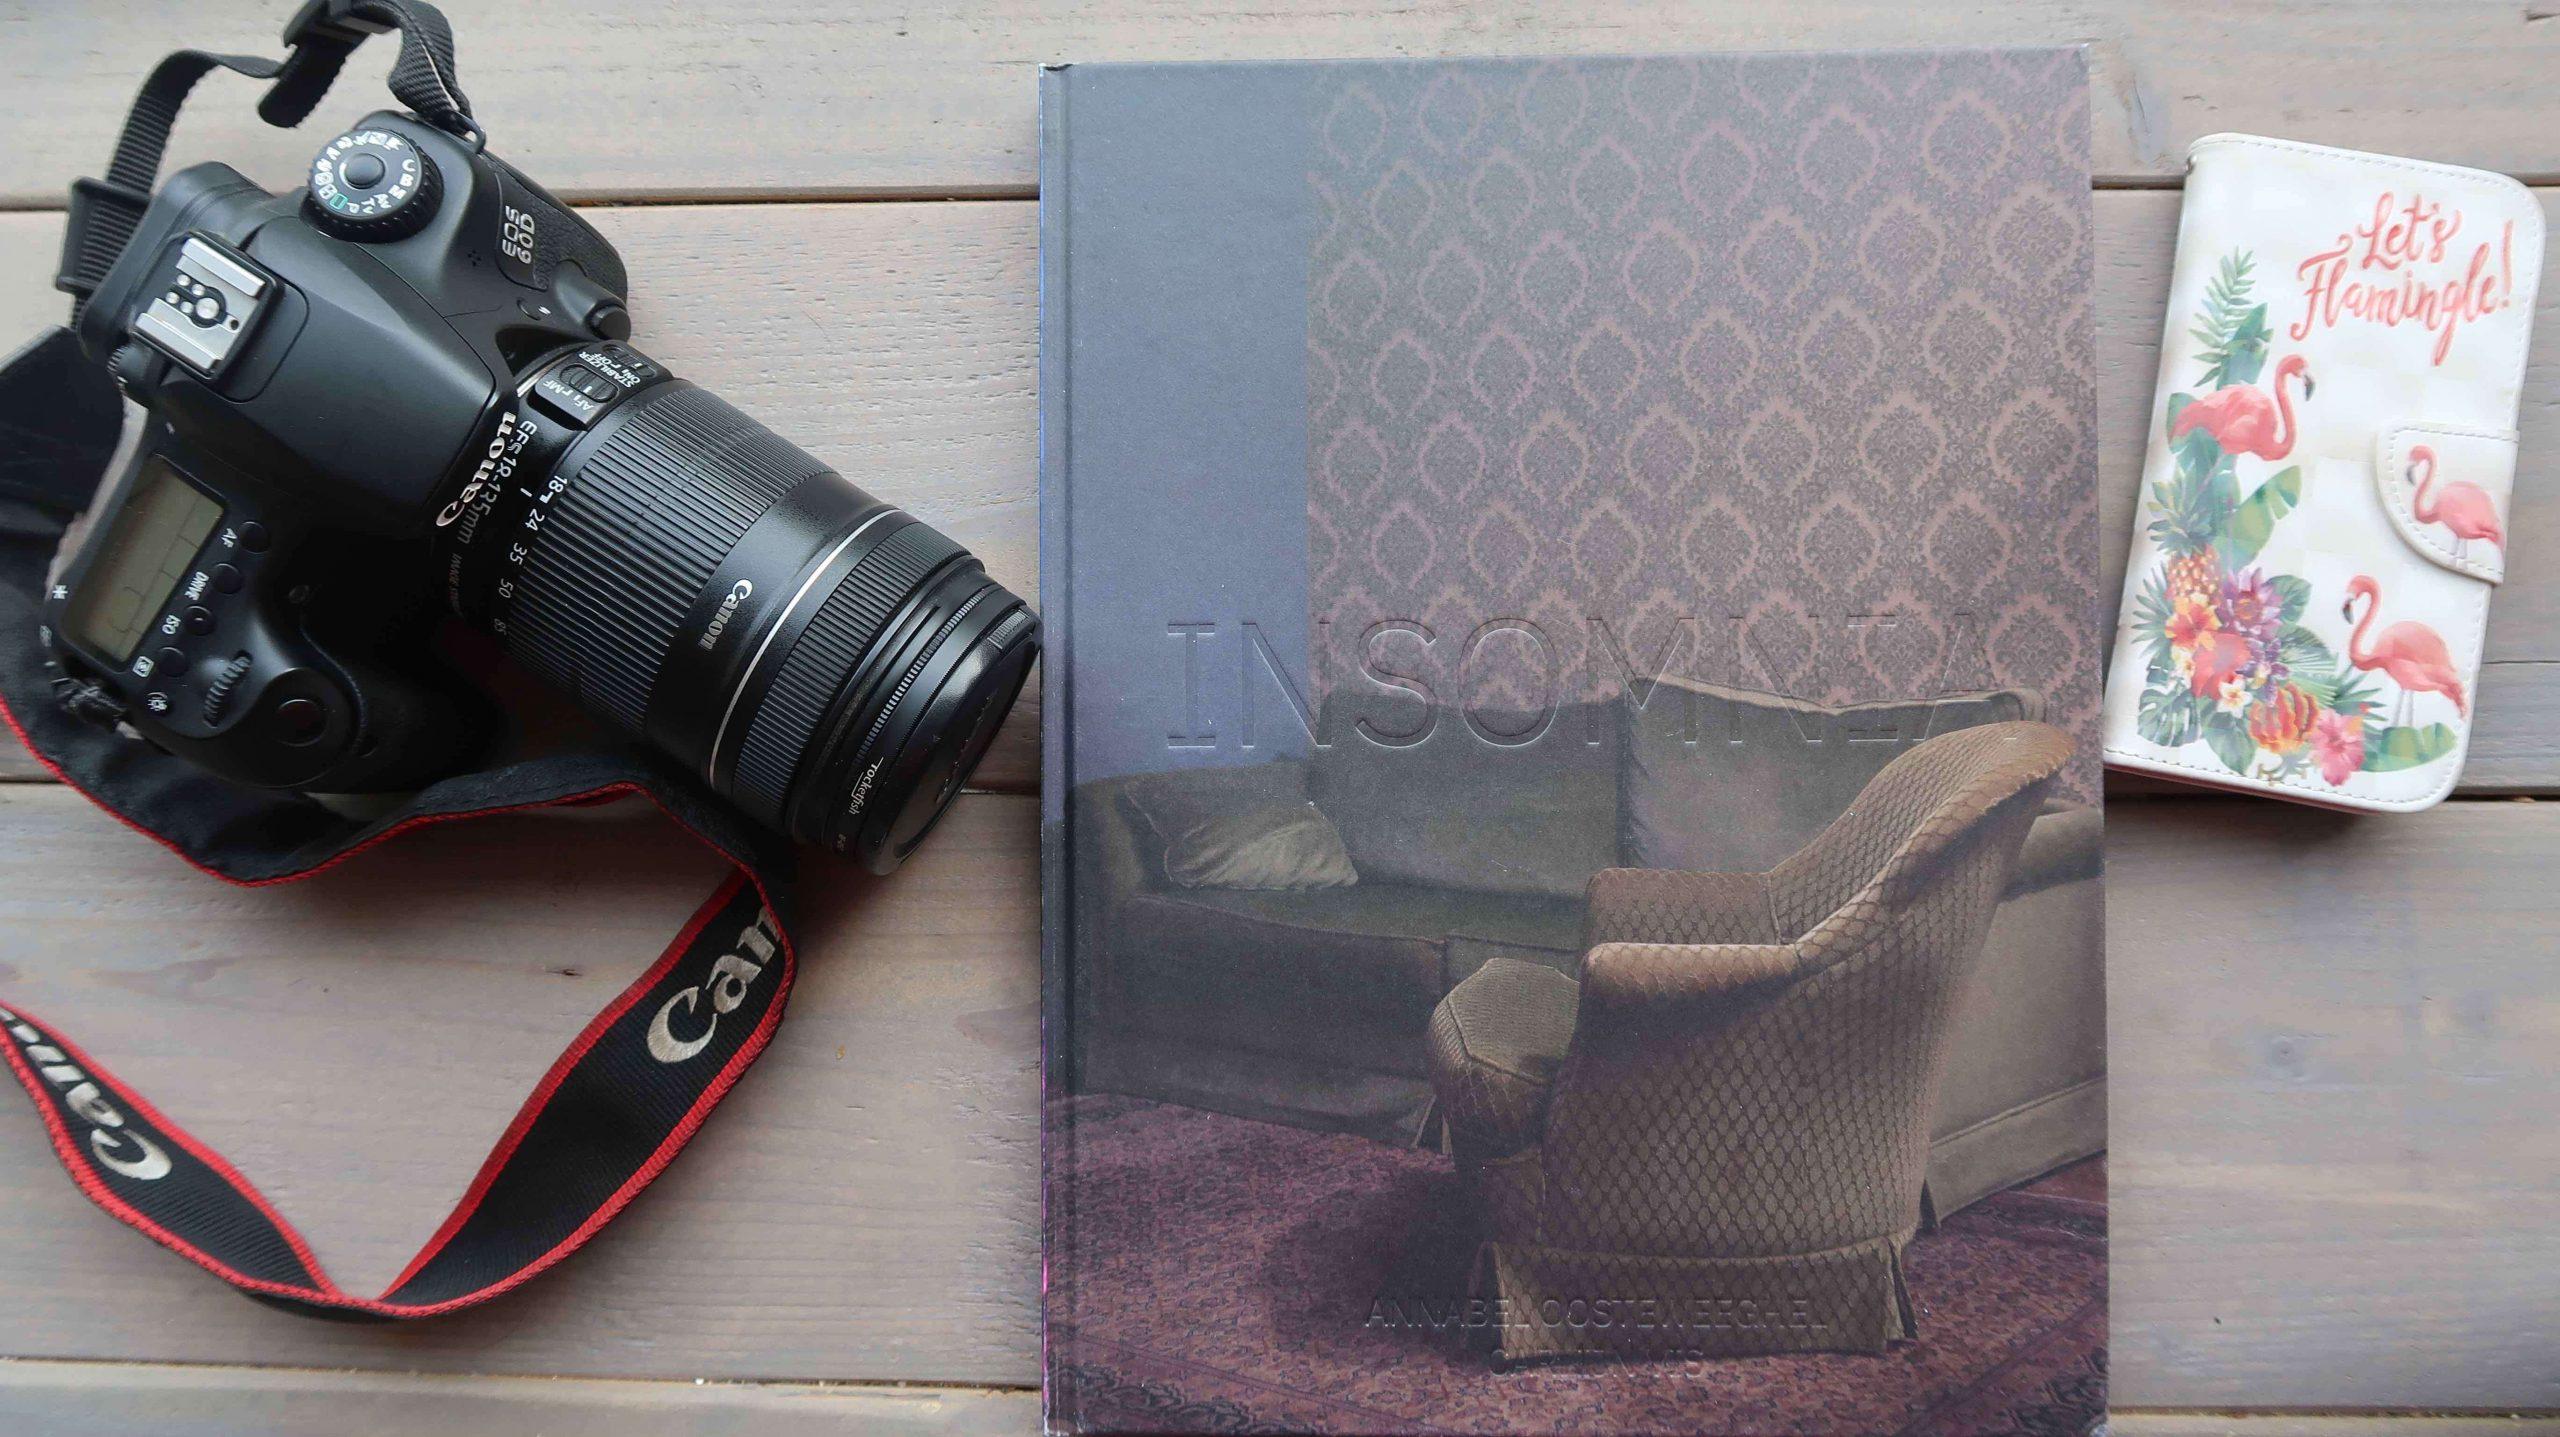 Waar vind je inspiratie om te fotograferen